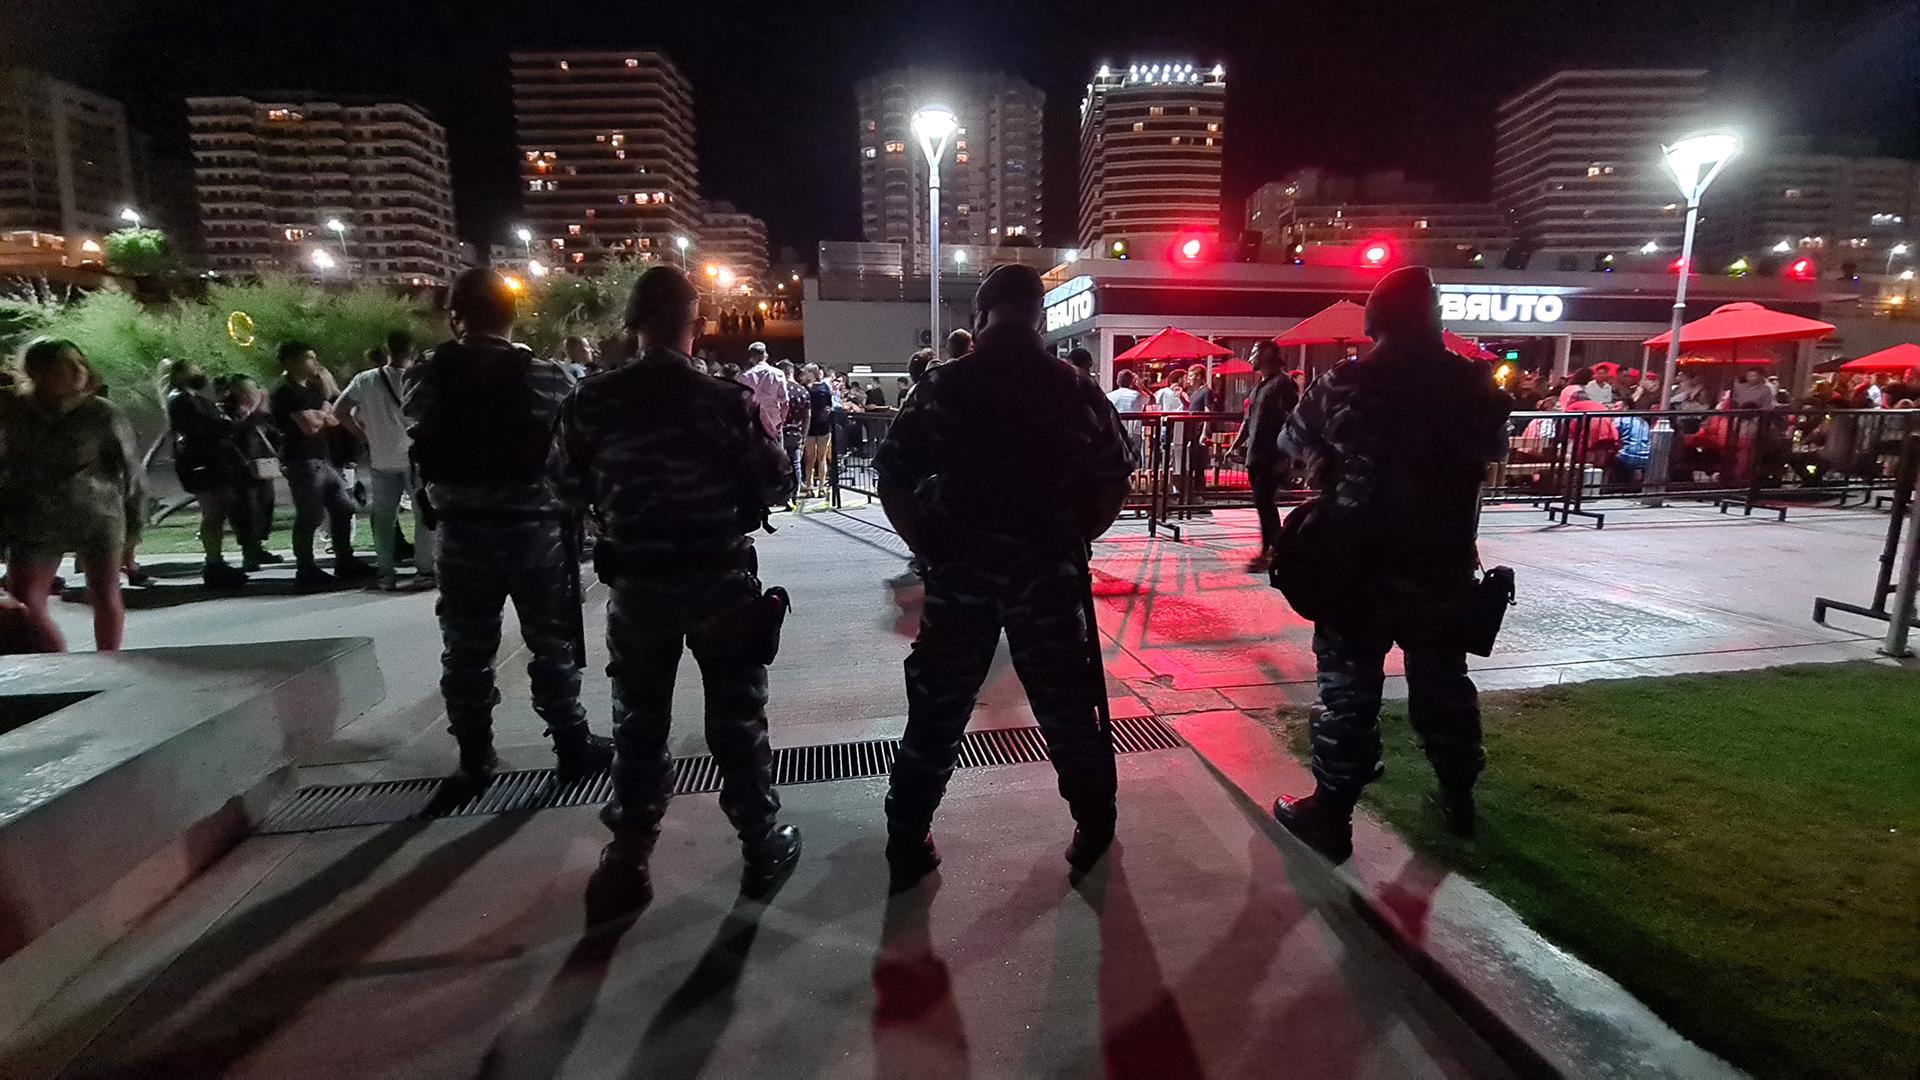 La policía bonaerense se hizo presente en la zona de bares y boliches de Playa Grande